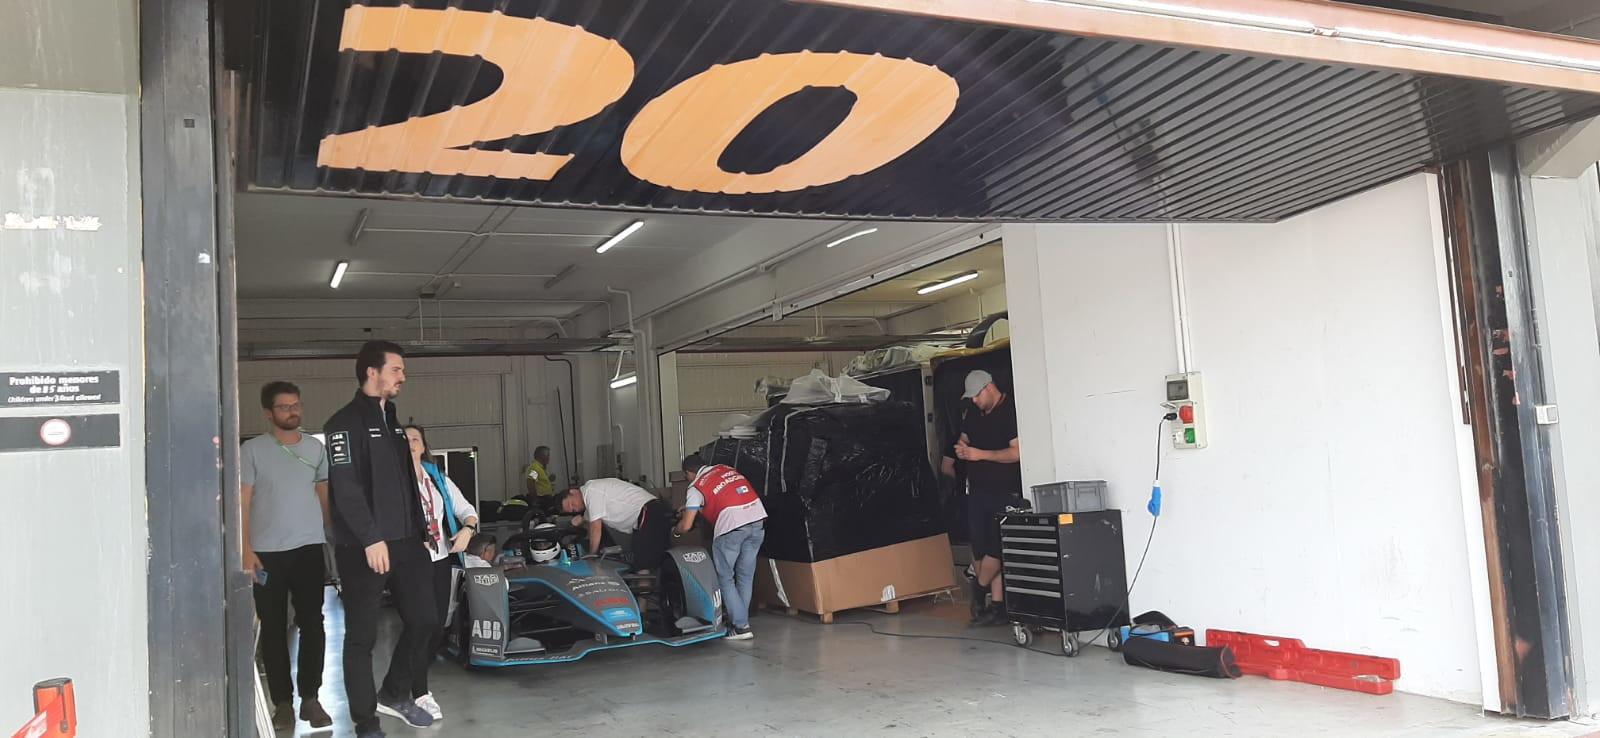 Ronny Mengo,giornalista di Sportmediaset, a bordo di una monoposto di Formula E durante i test pre-stagionali a Valencia: brivido elettrico!